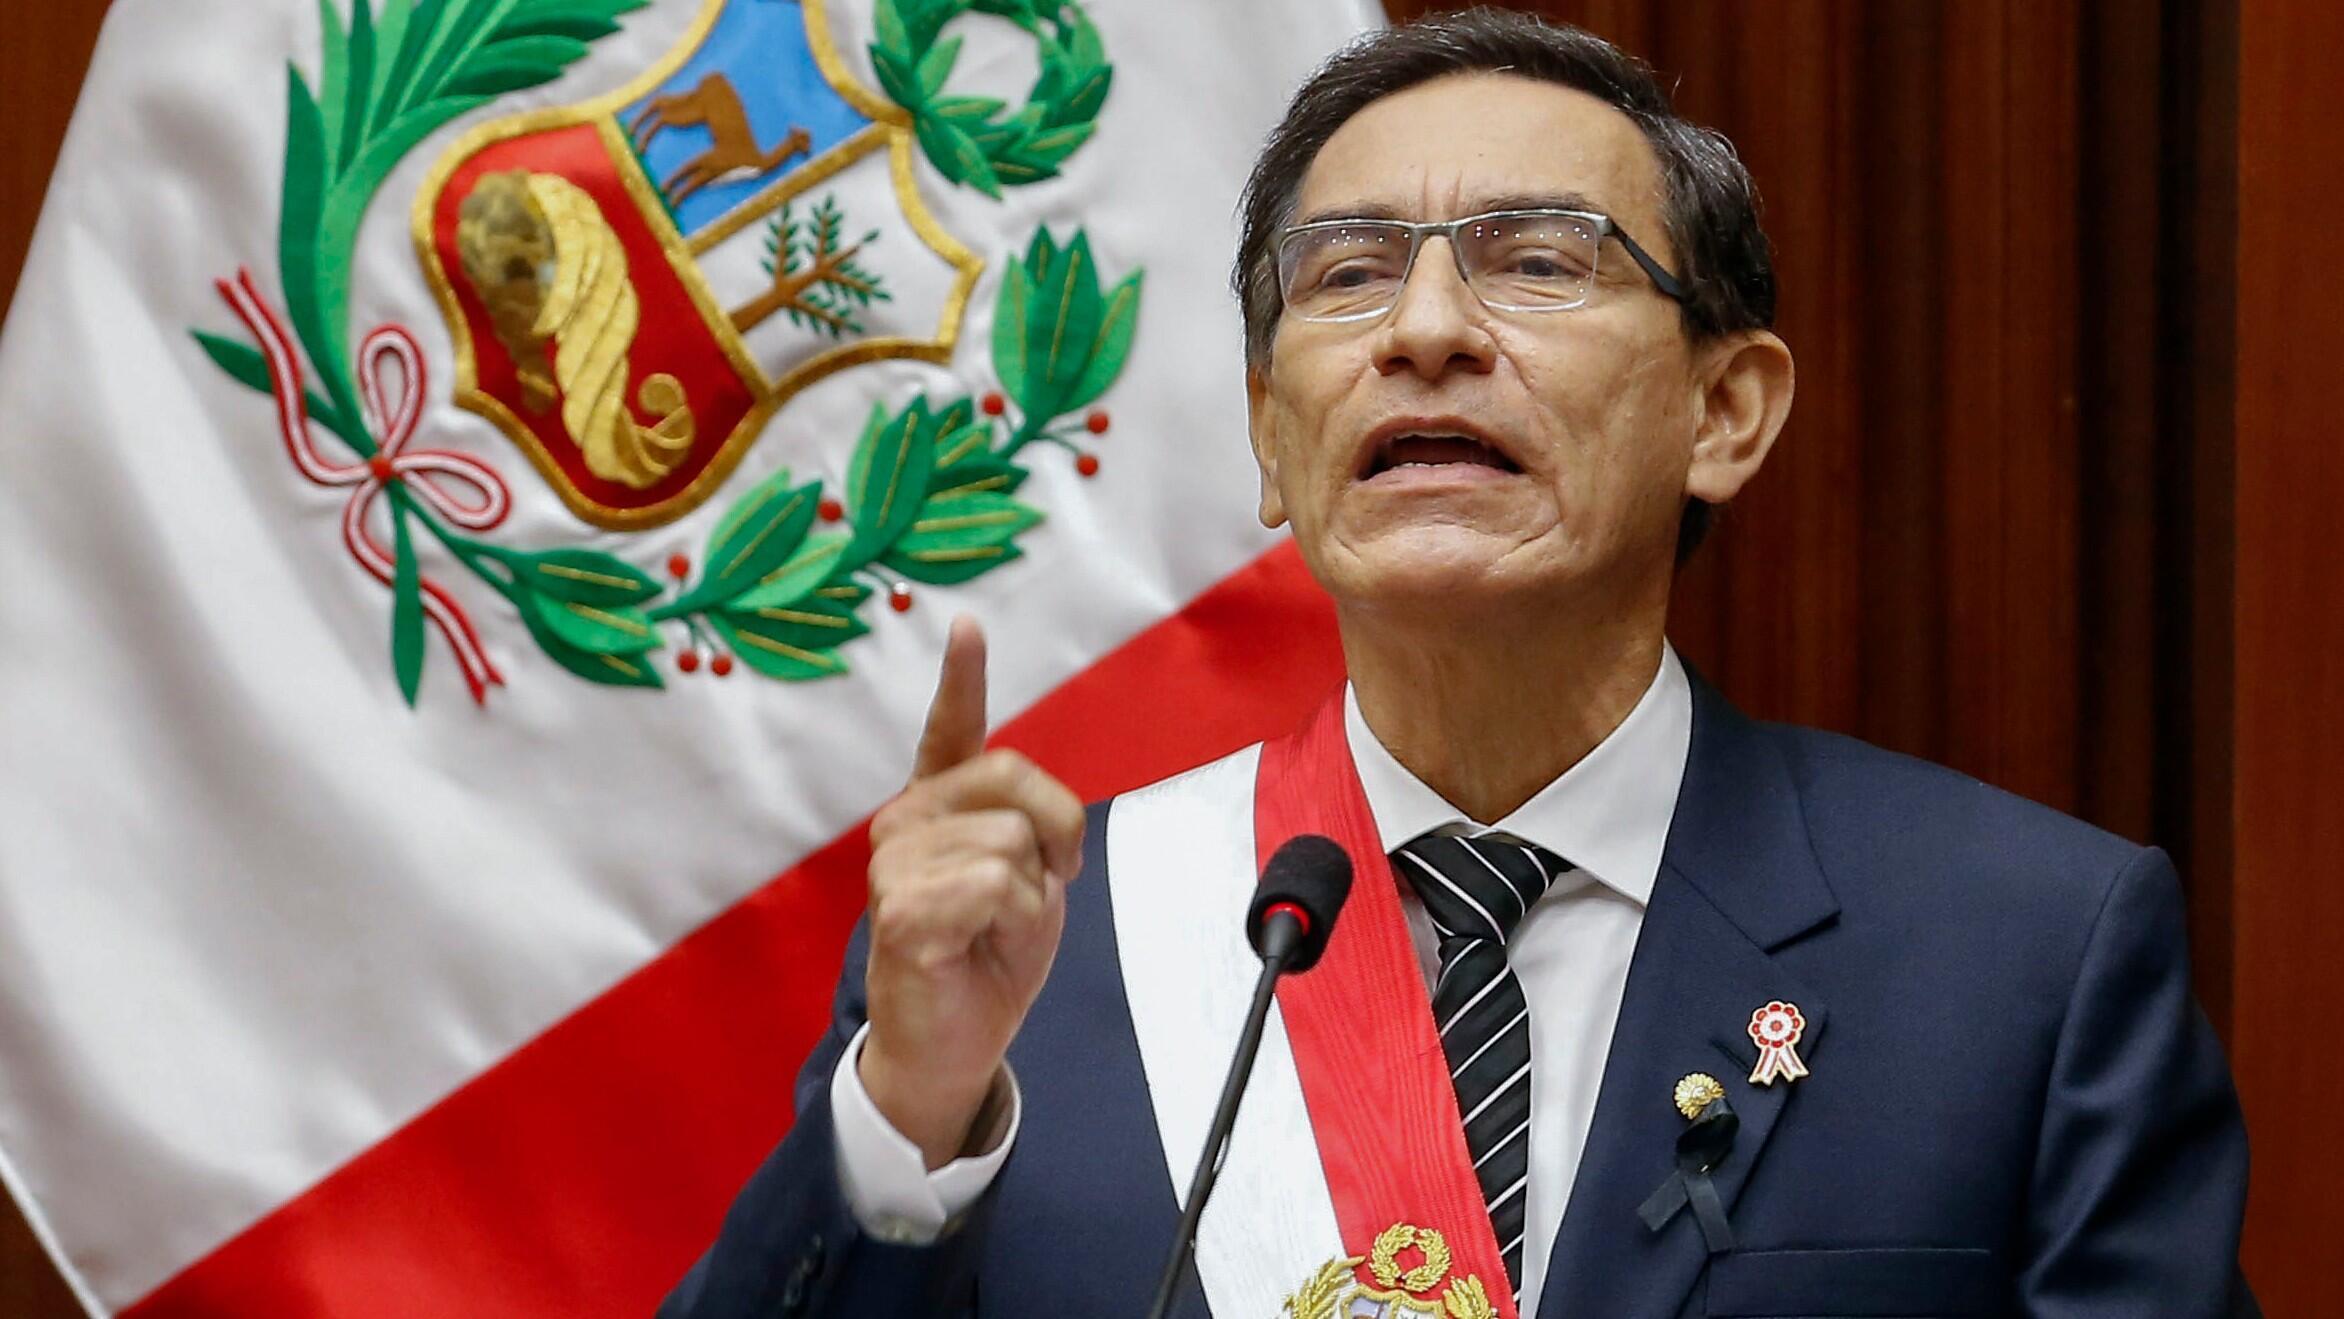 Esta imagen publicada por la Presidencia peruana muestra al presidente Martin Vizcarra entregando el discurso anual a la nación desde el edificio del Congreso en Lima, como parte de las actuaciones del Día Nacional en Lima el 28 de julio de 2020.